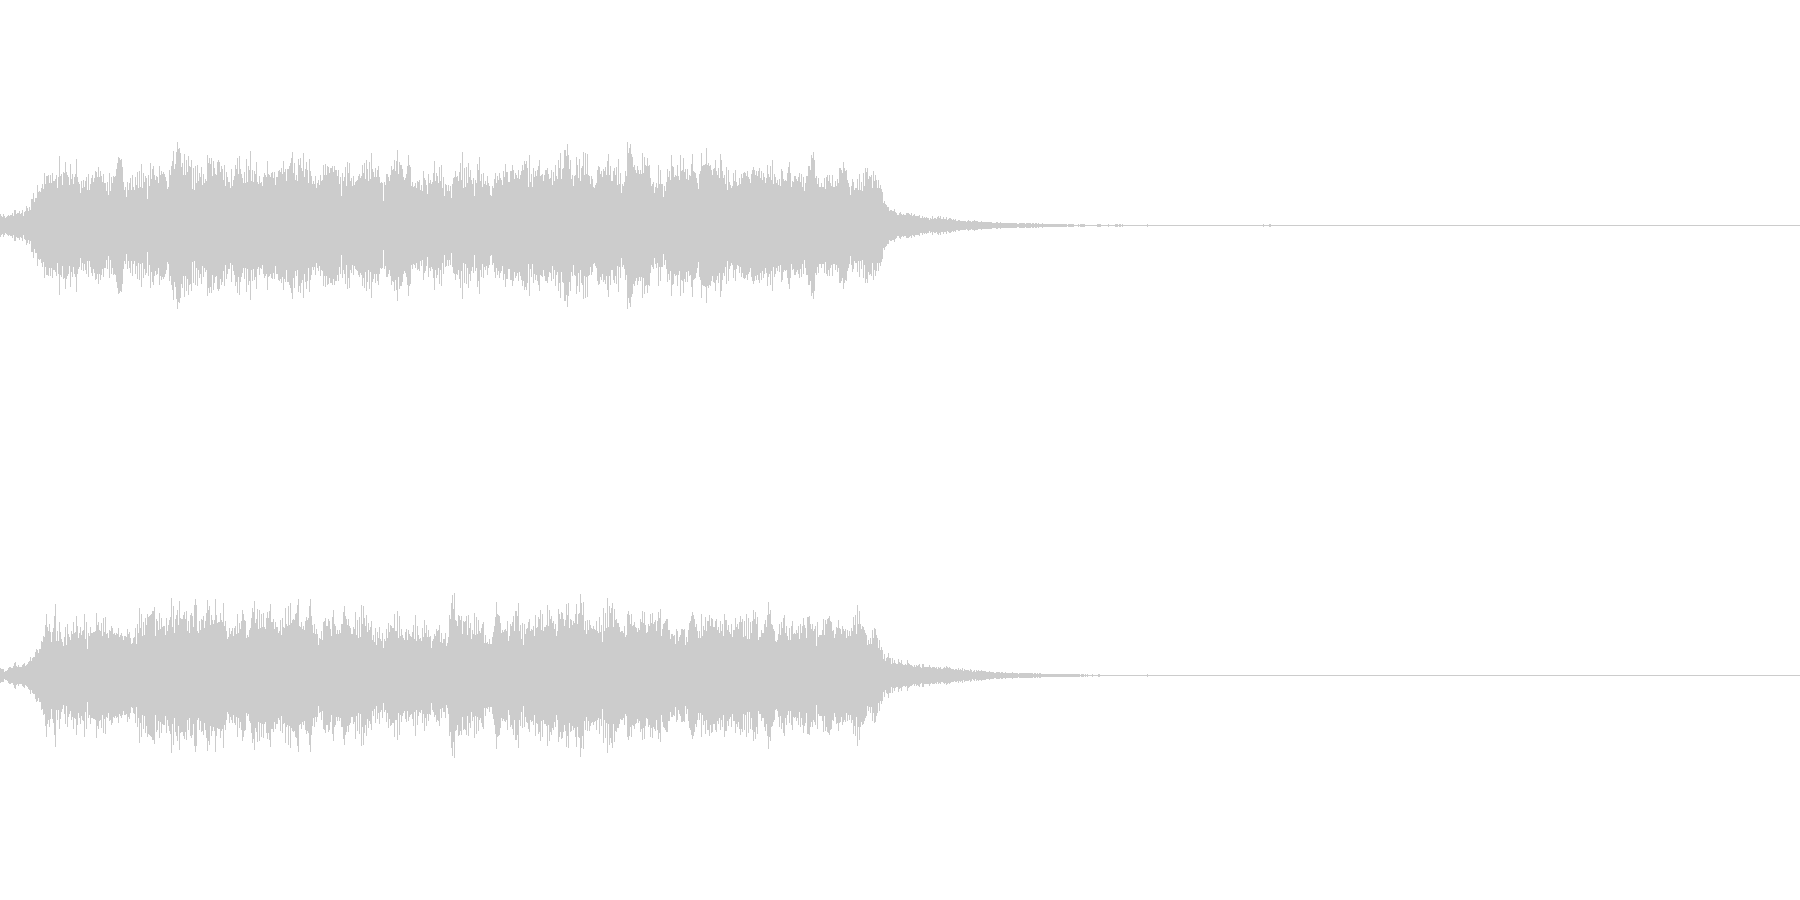 魔法がかかる音の未再生の波形